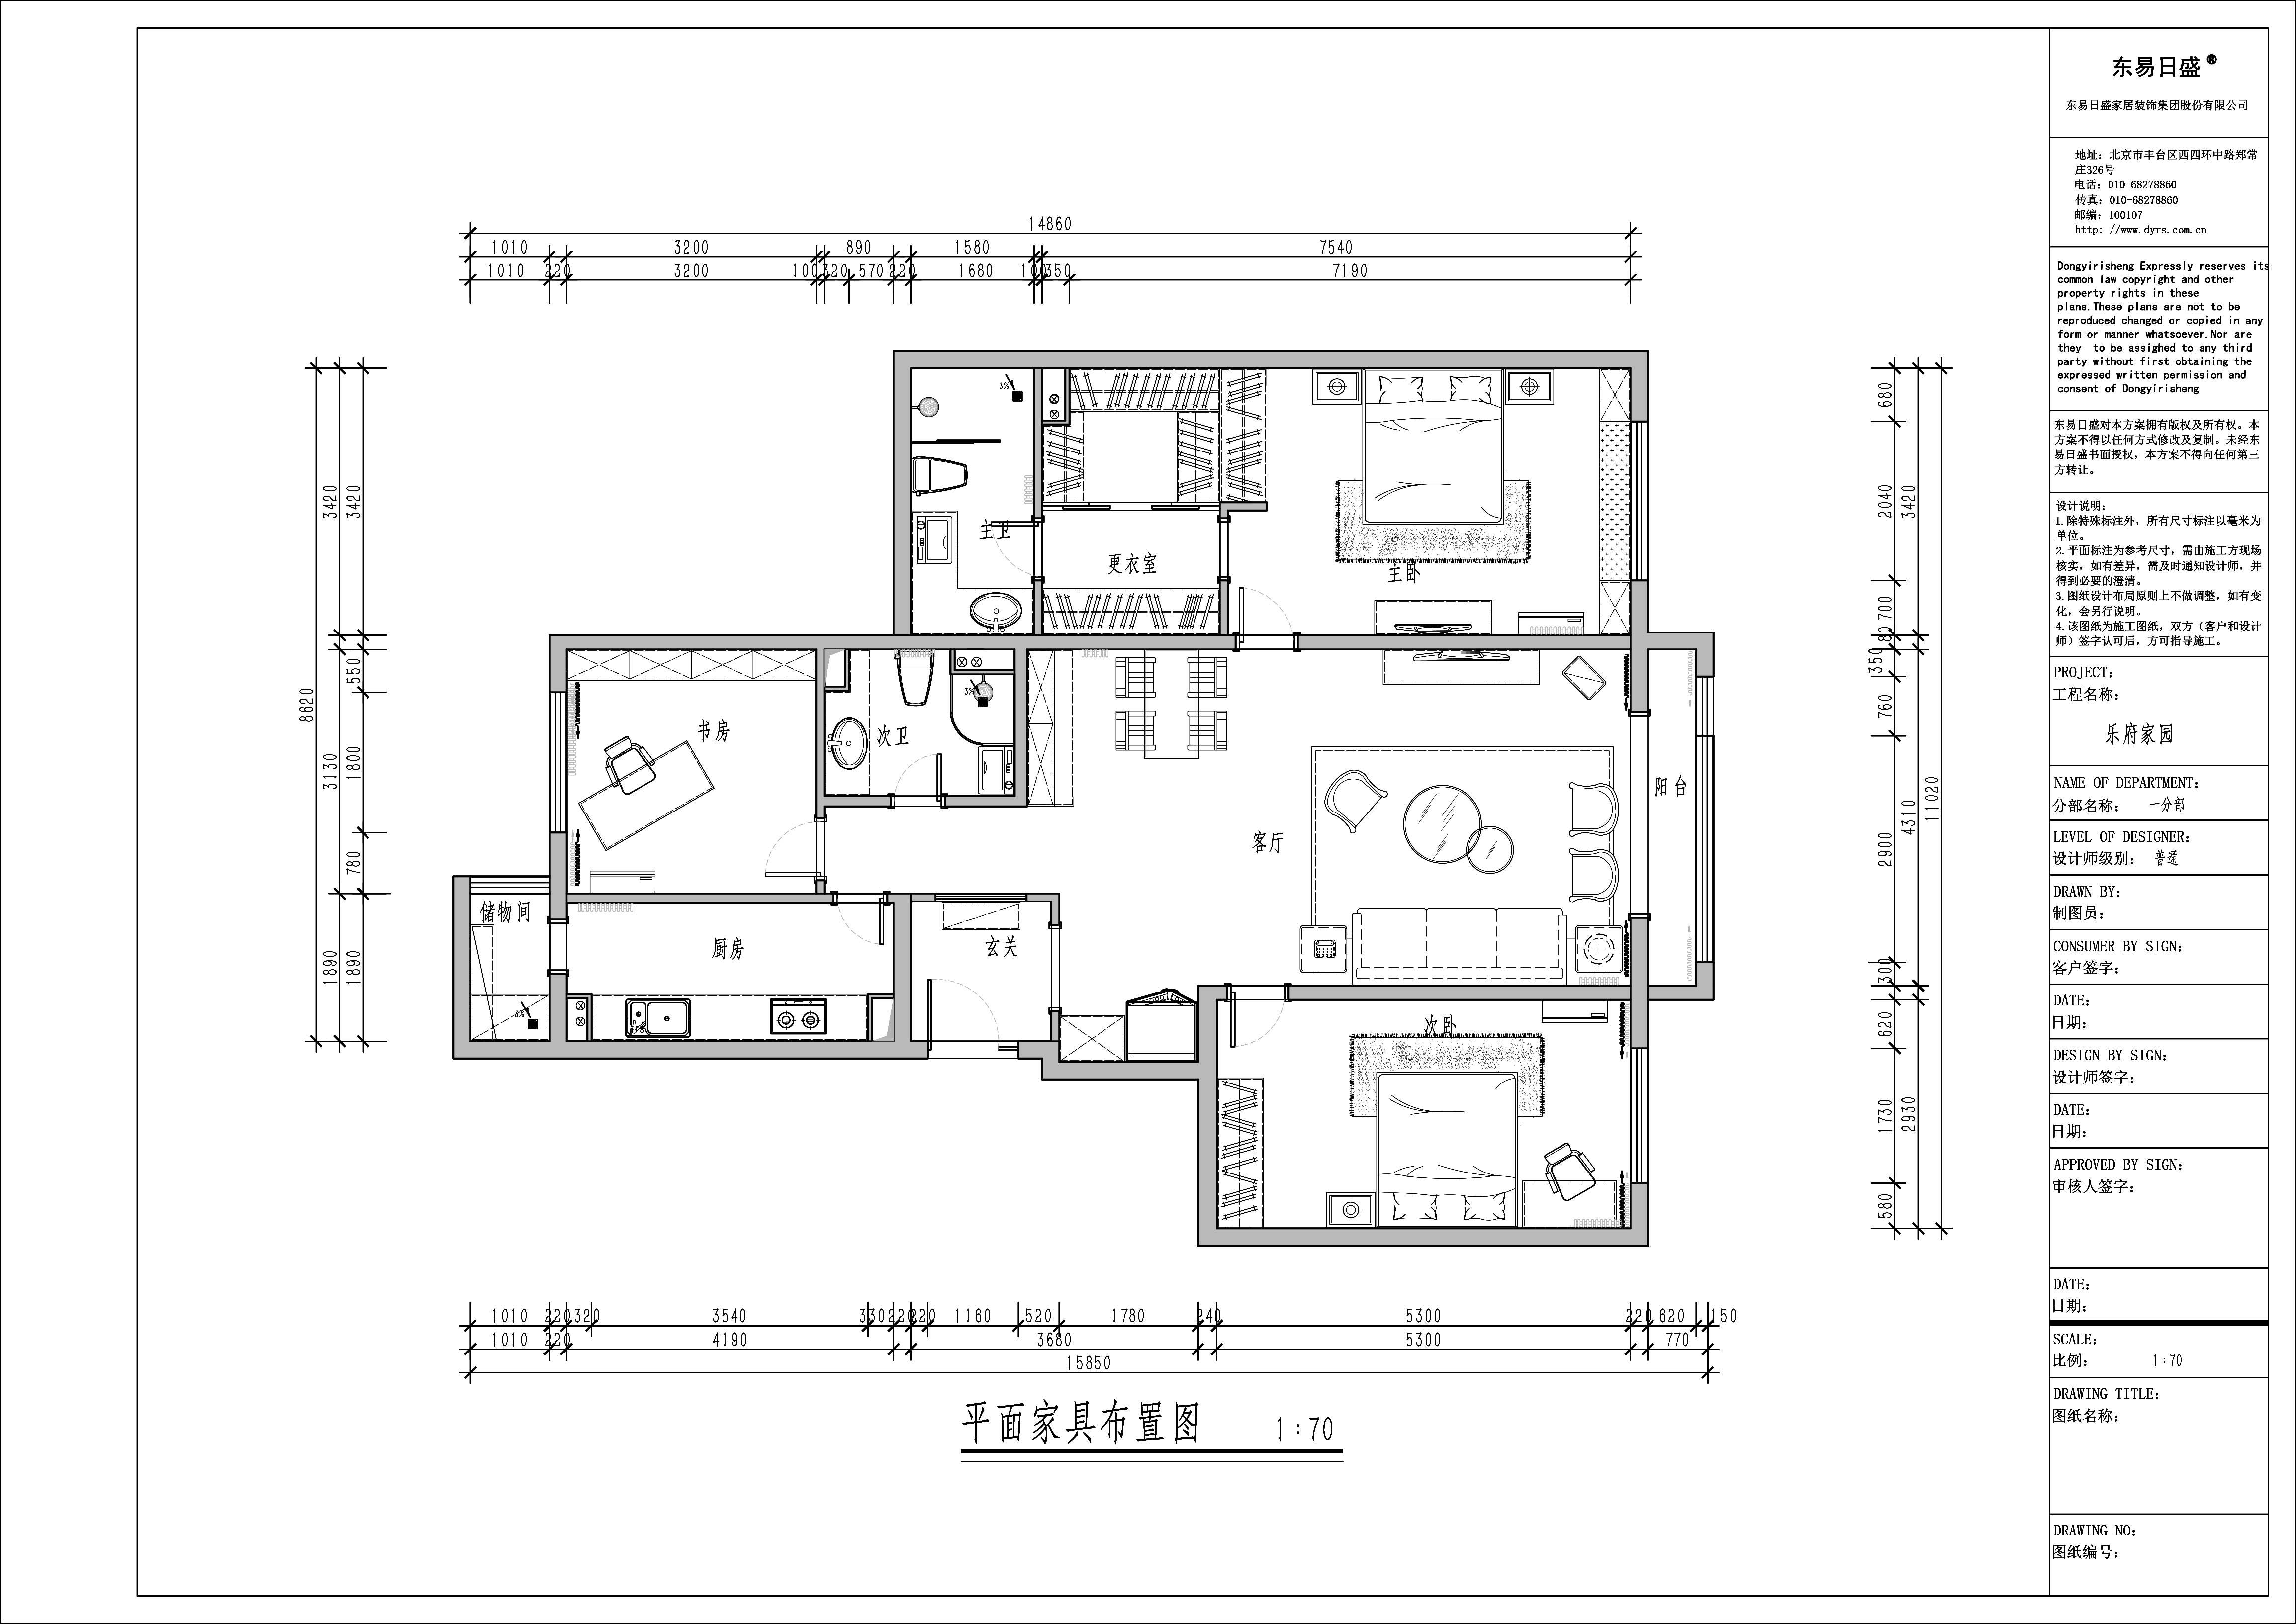 乐府家园 125平 现代装修设计理念